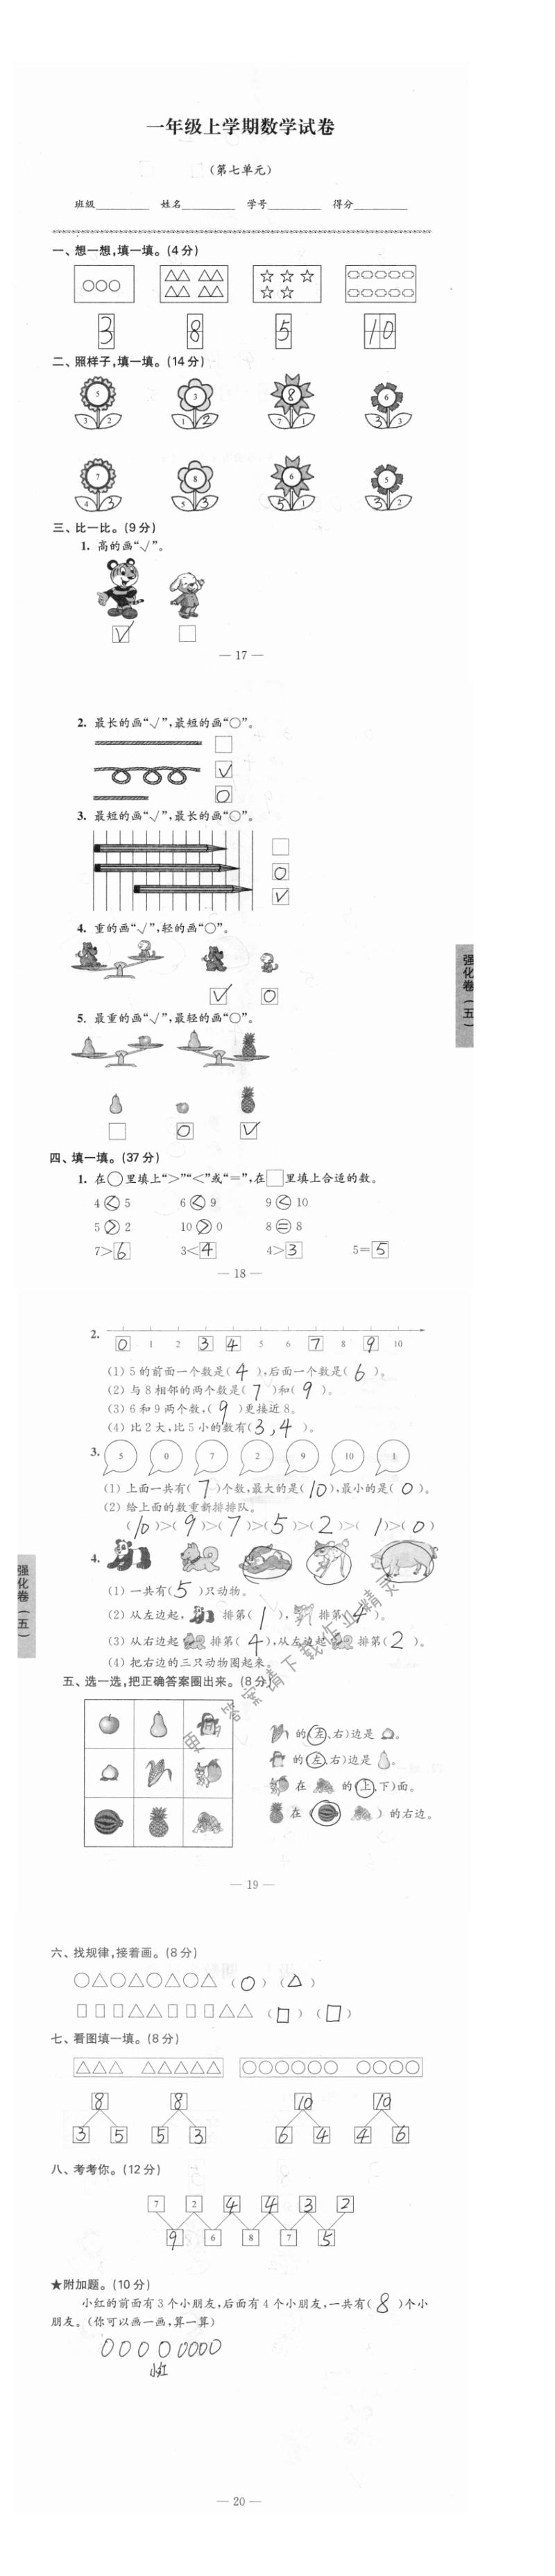 强化卷(五) - 第七单元    强化卷(五)